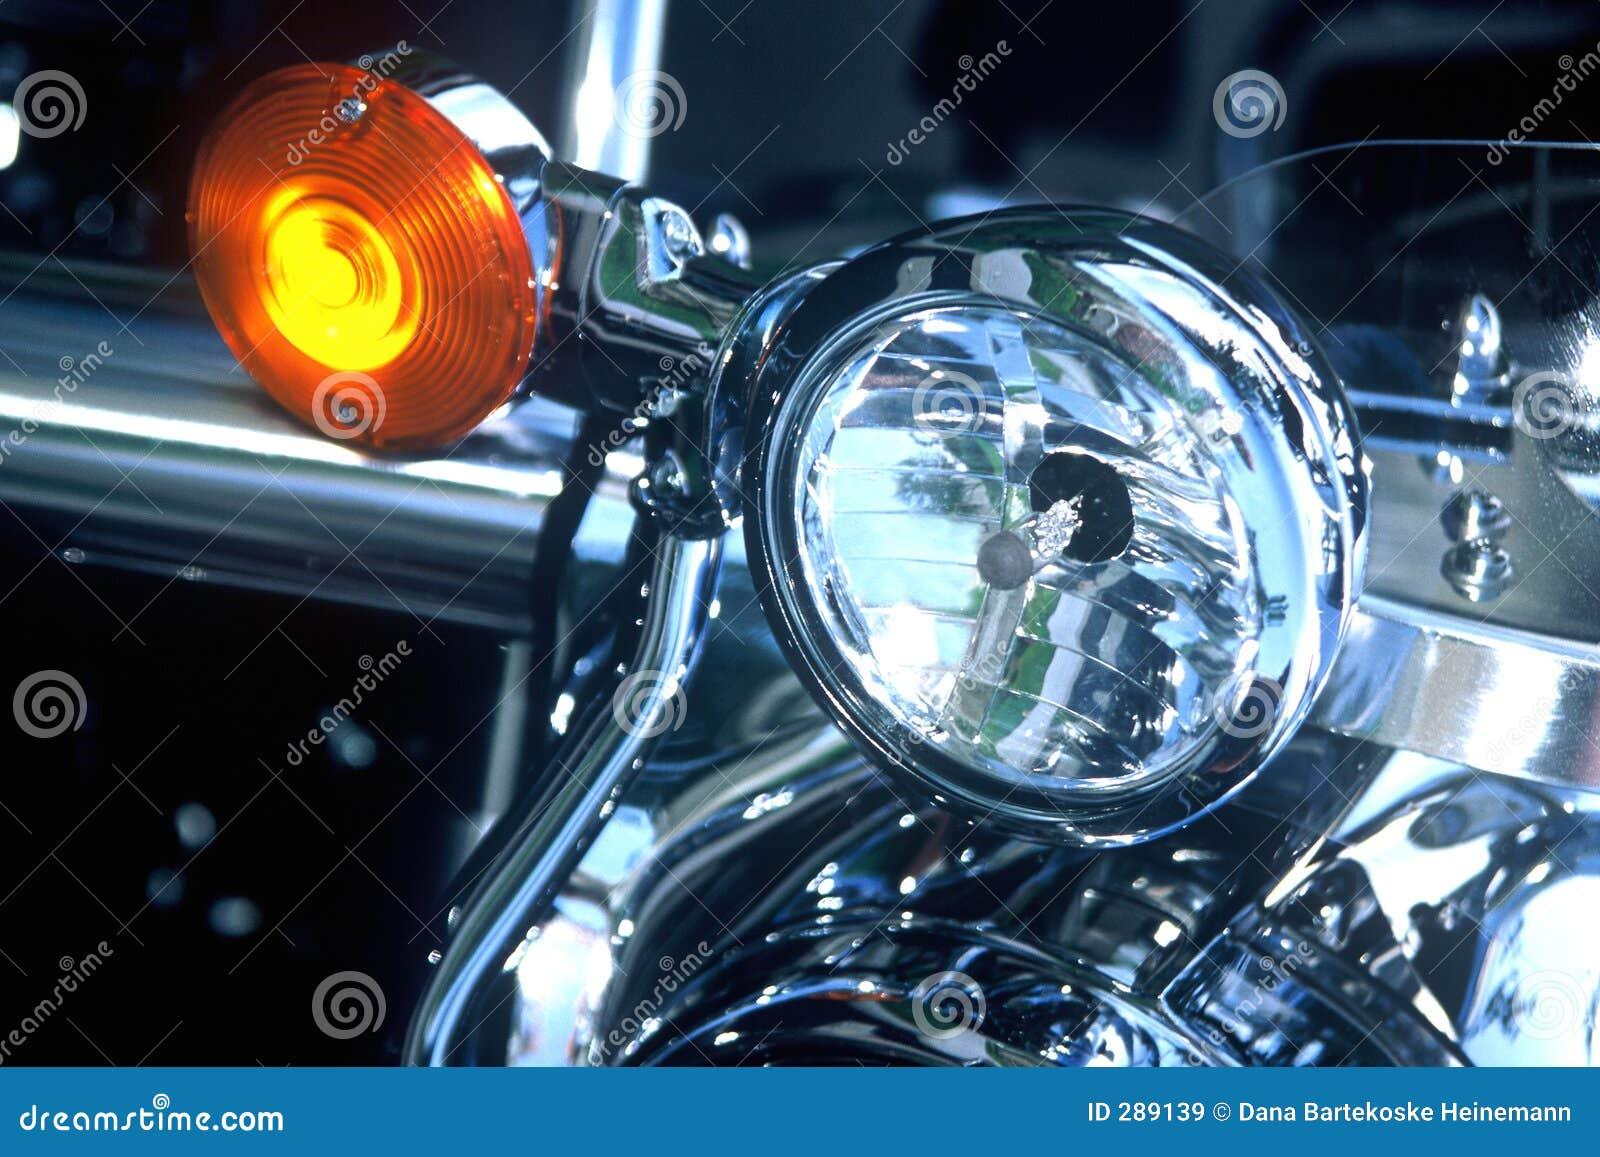 Tänder motorcykeln